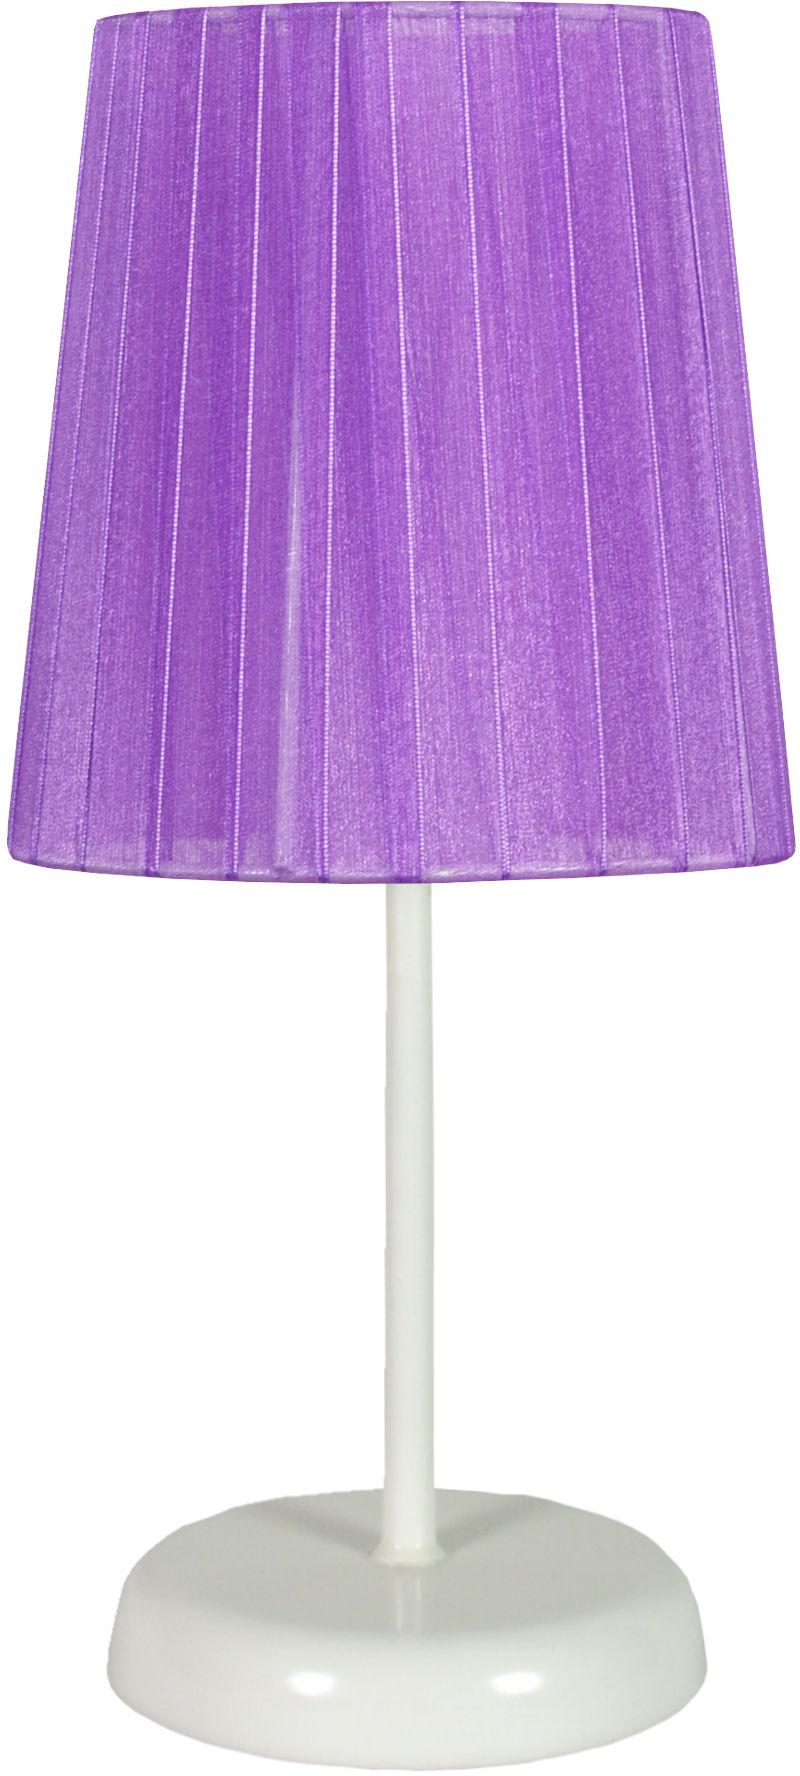 Candellux RIFASA 41-40855 lampa stołowa abażur fioletowa 1X40W E14 14 cm